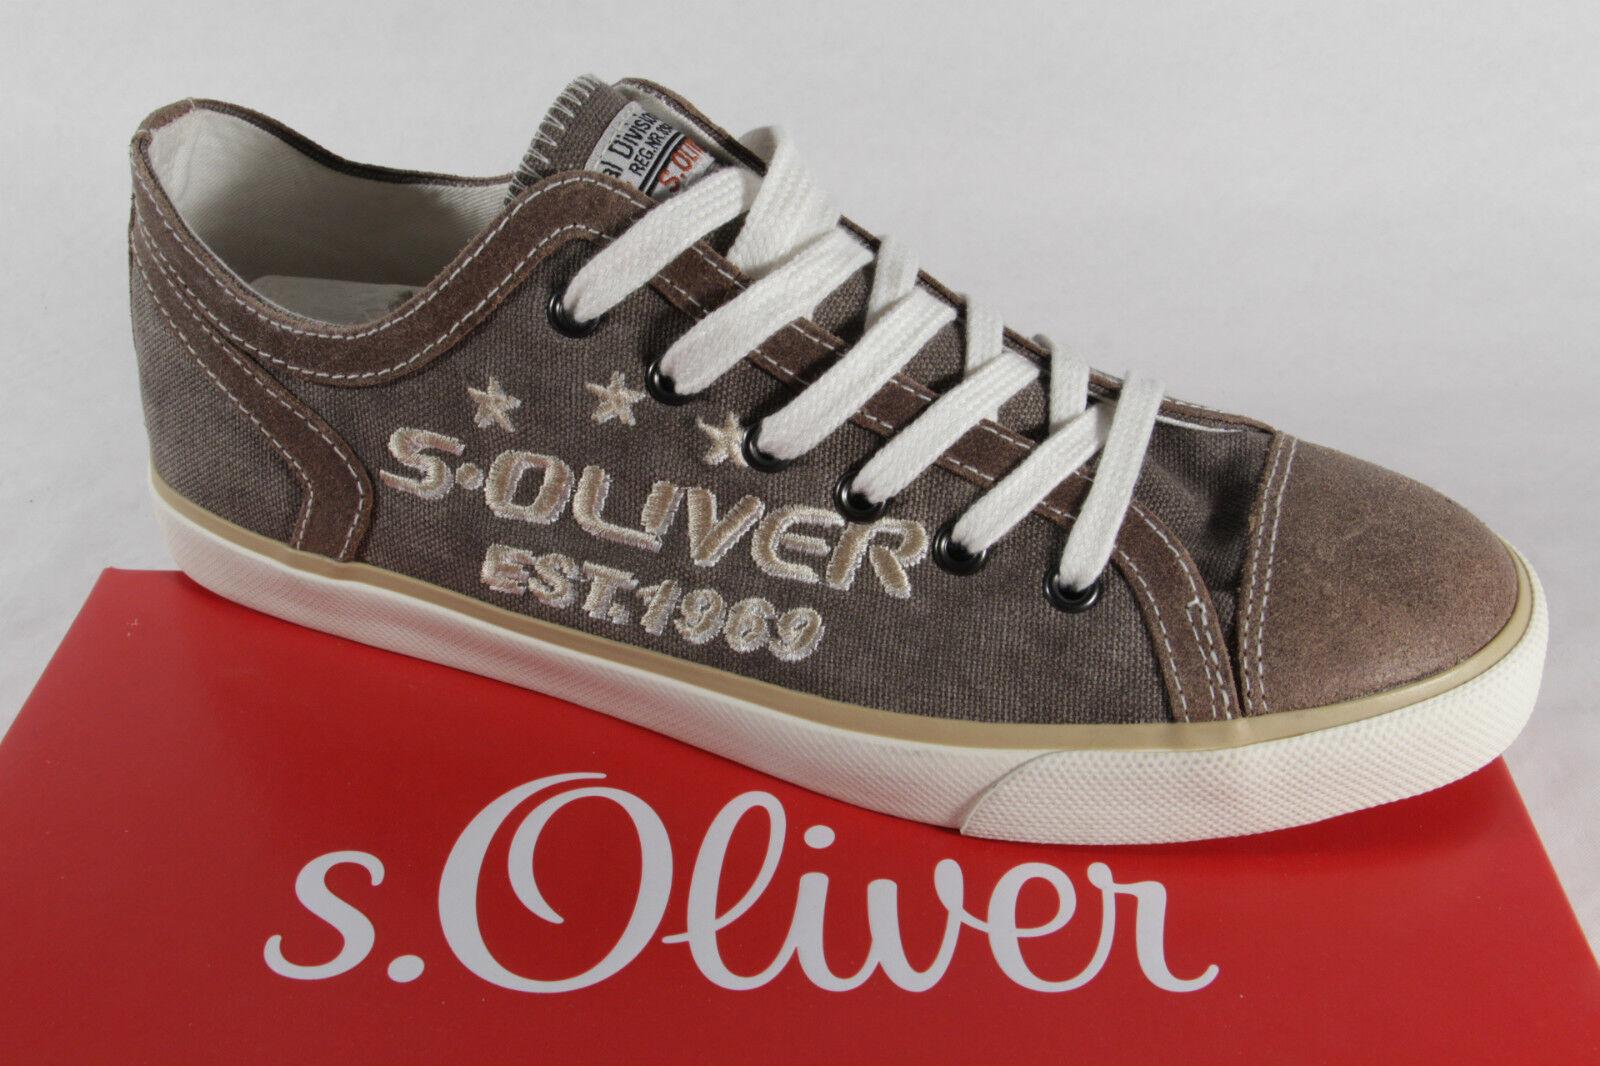 s. Oliver Hombre Zapatos de cordones, beige/marrón, suela de goma, NUEVO